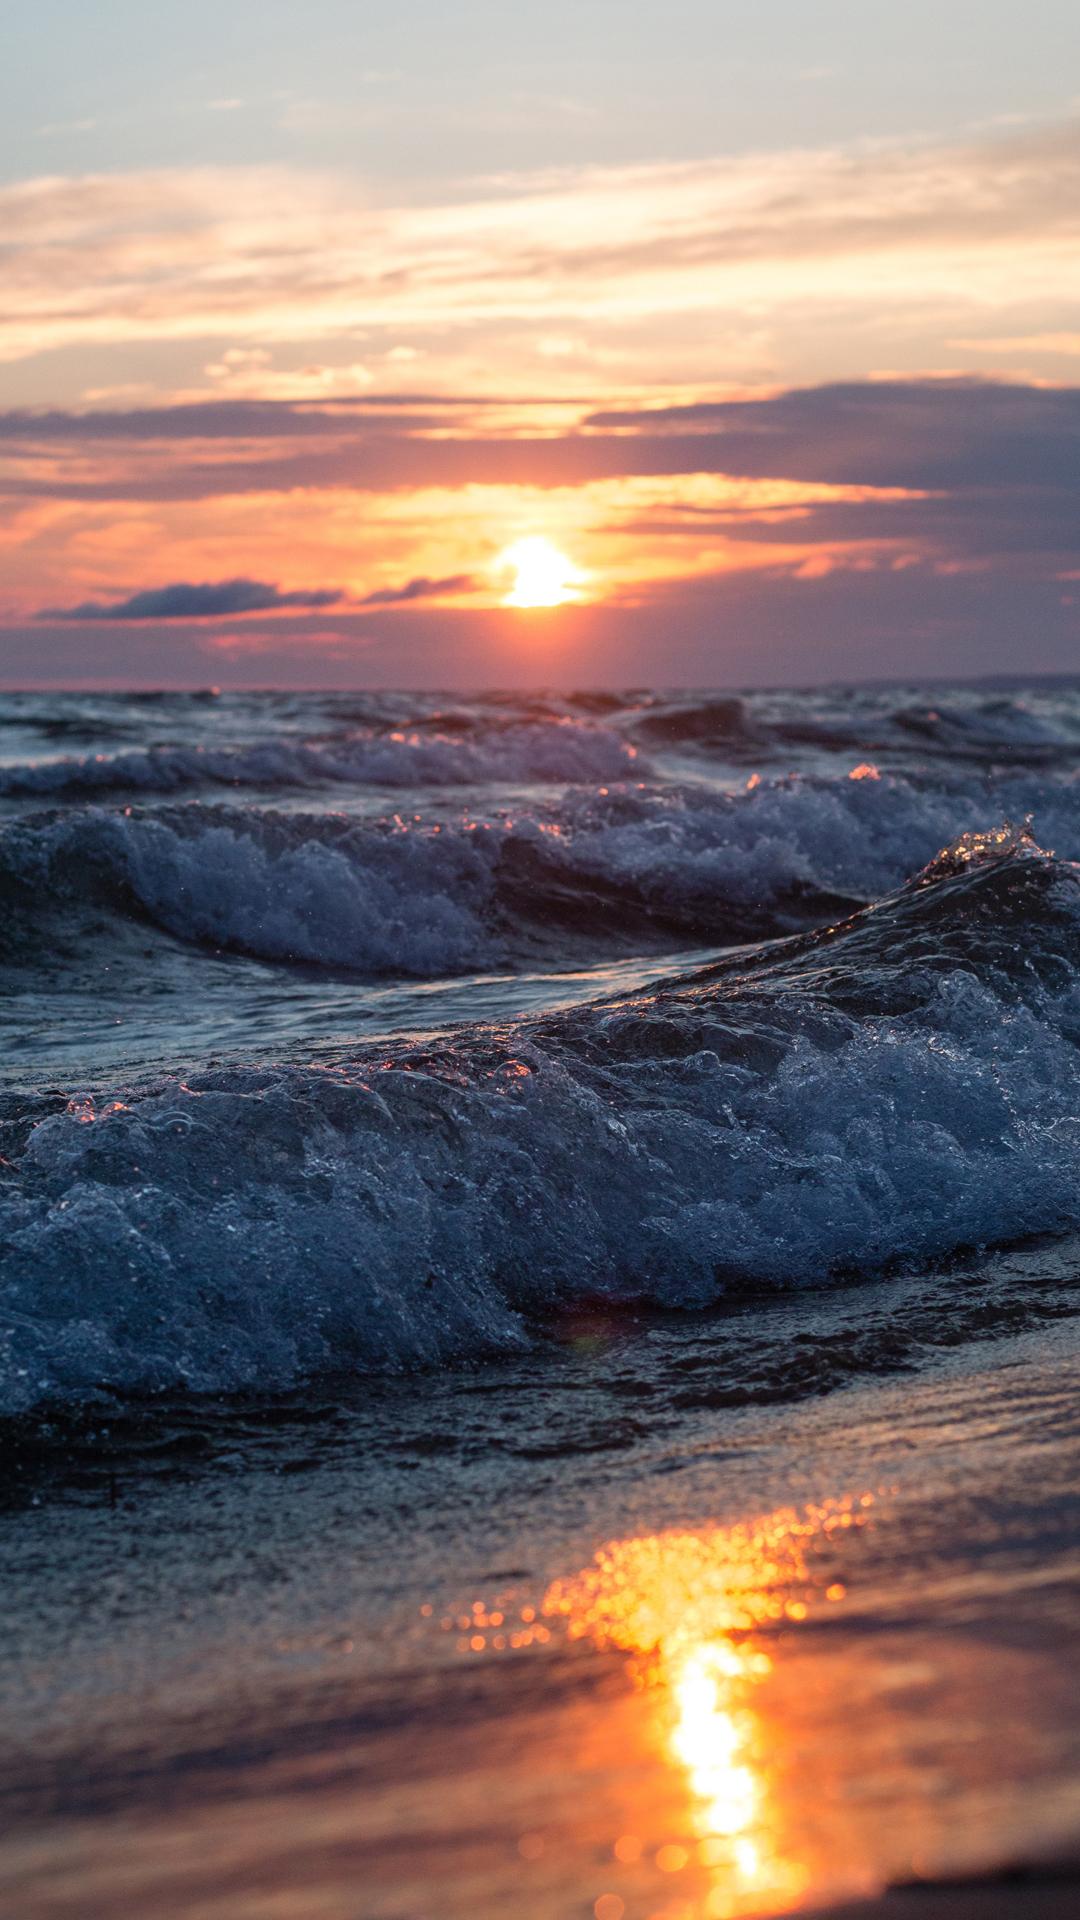 ocean sunset background